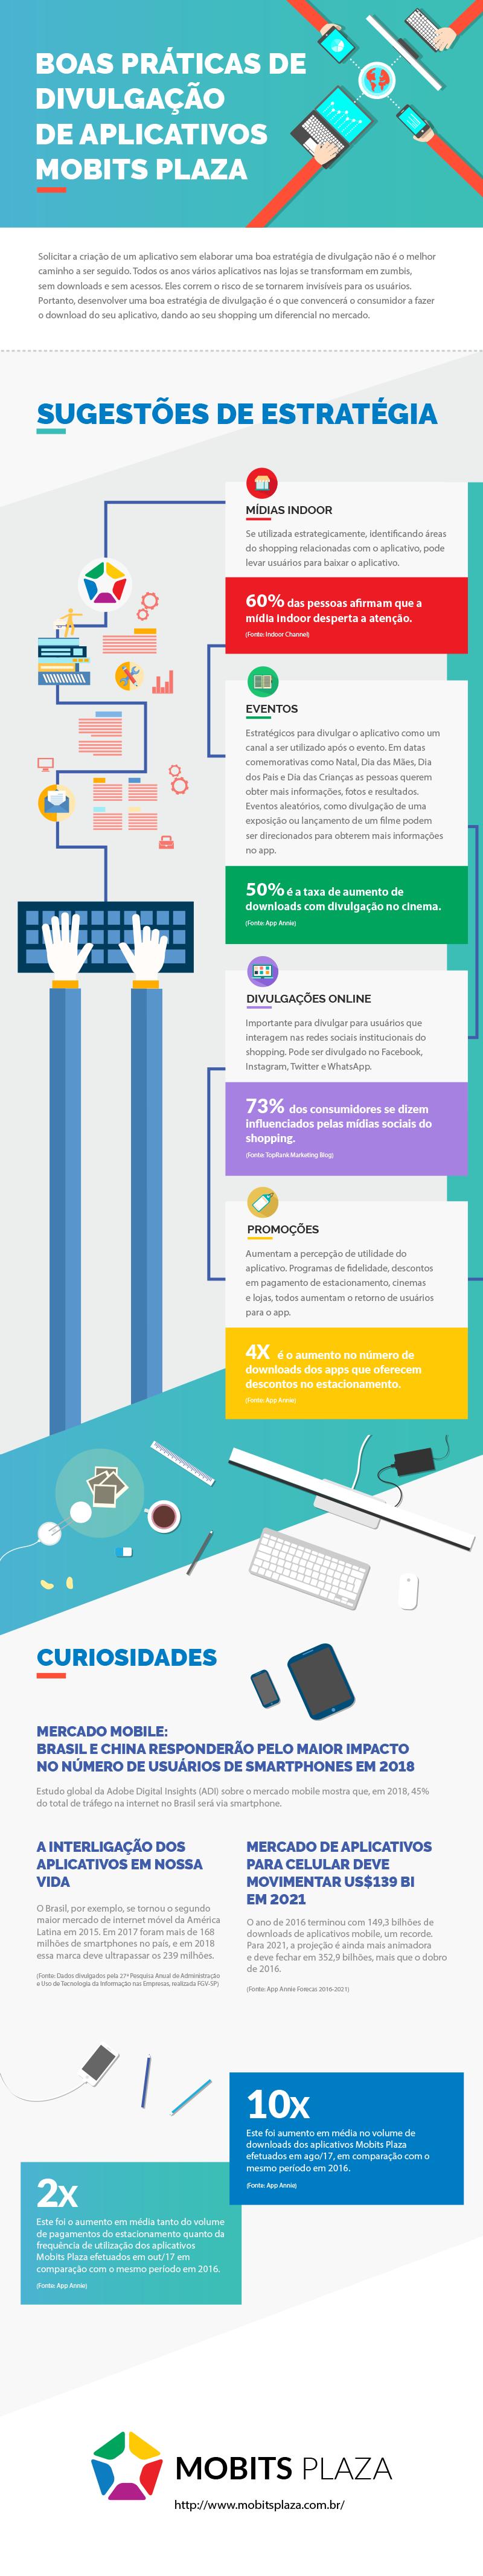 Infográfico mostra principais práticas para divulgação de aplicativos de Shoppings